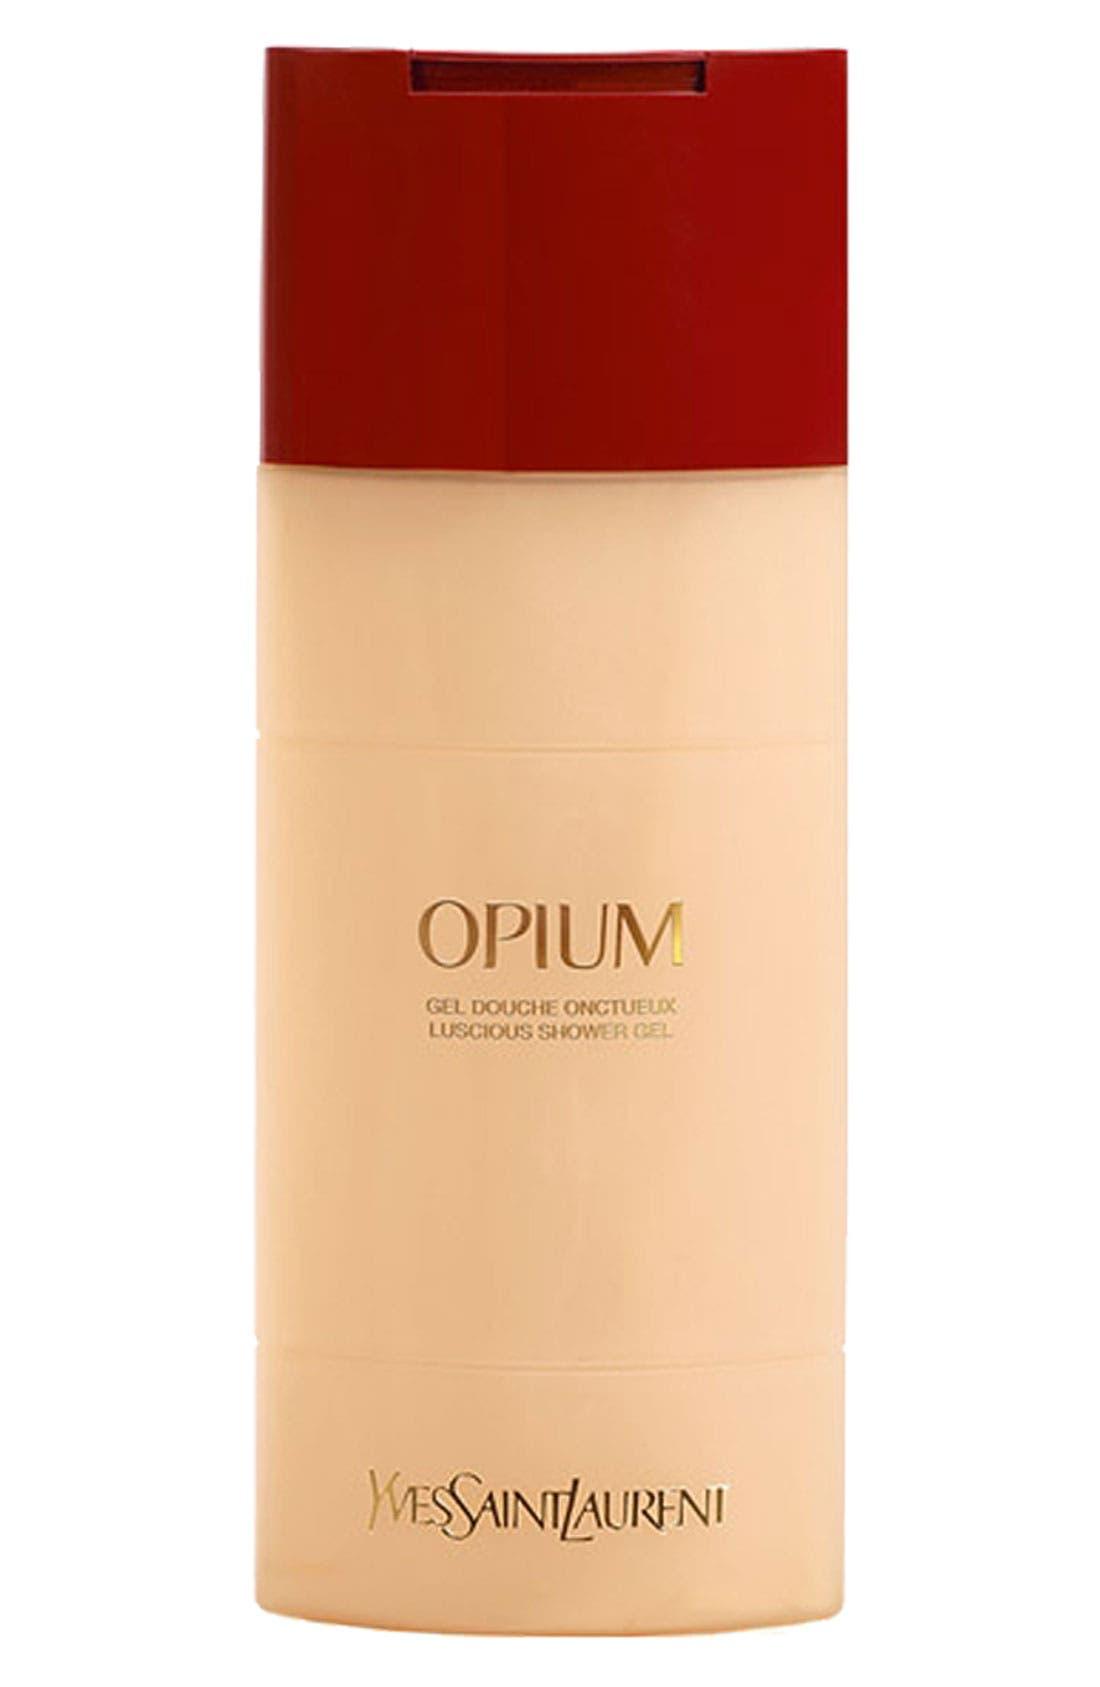 Opium Luscious Shower Gel,                             Main thumbnail 1, color,                             NO COLOR